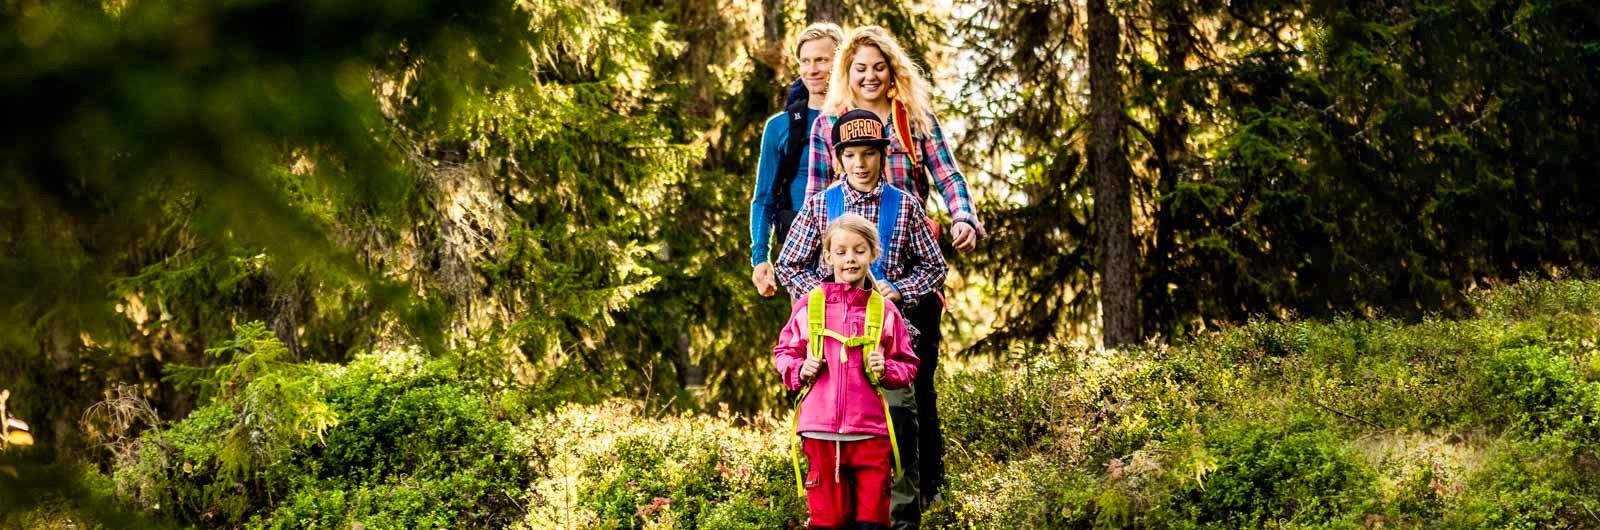 Familj går på led i skogen